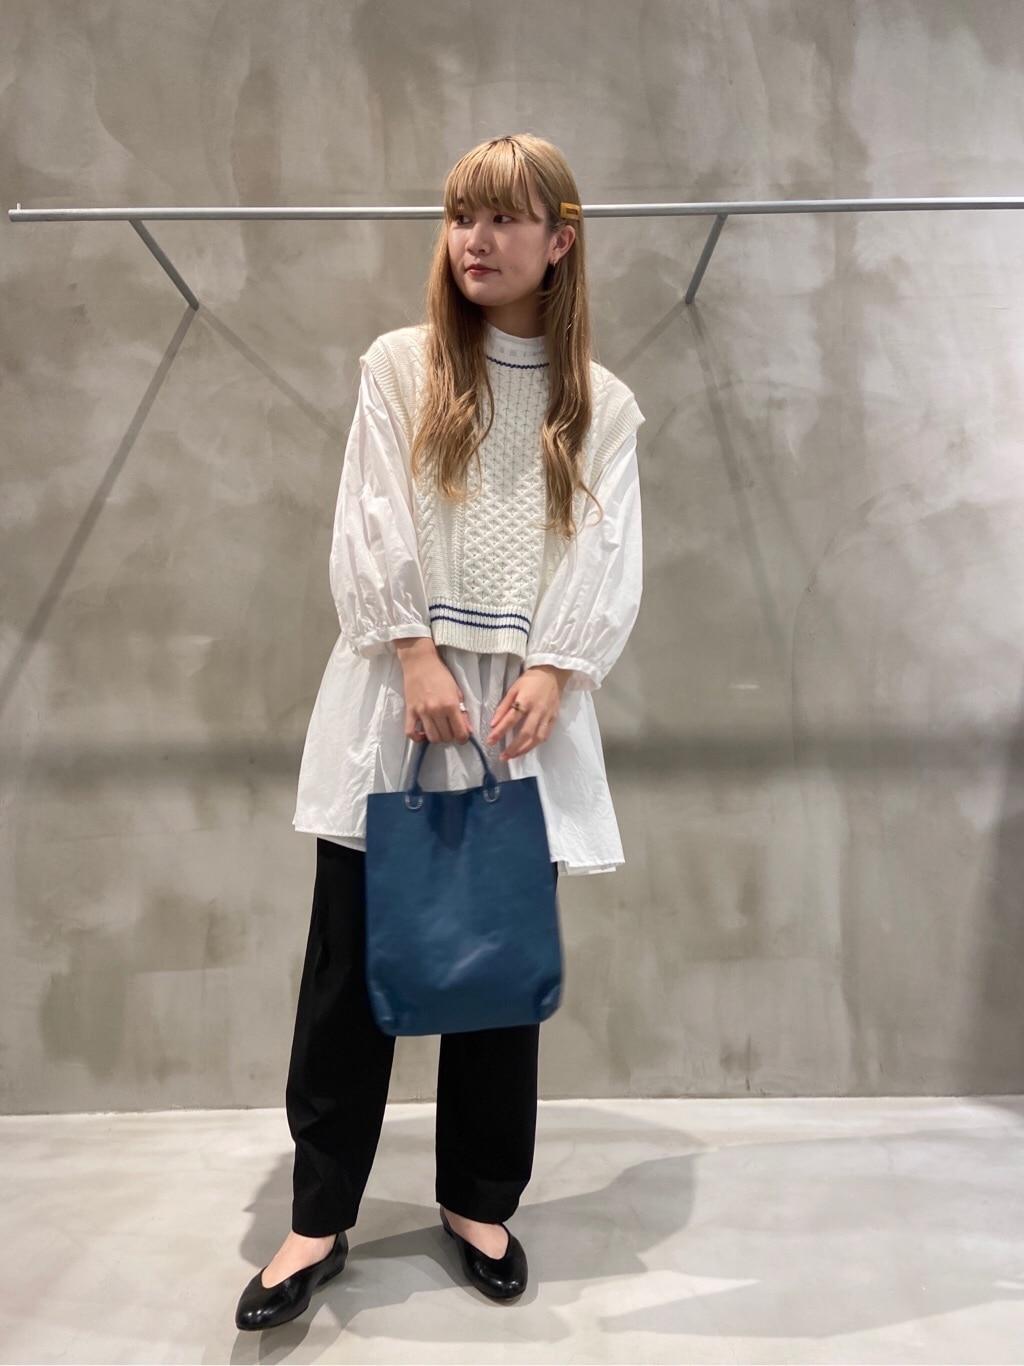 渋谷スクランブルスクエア 2020.09.14